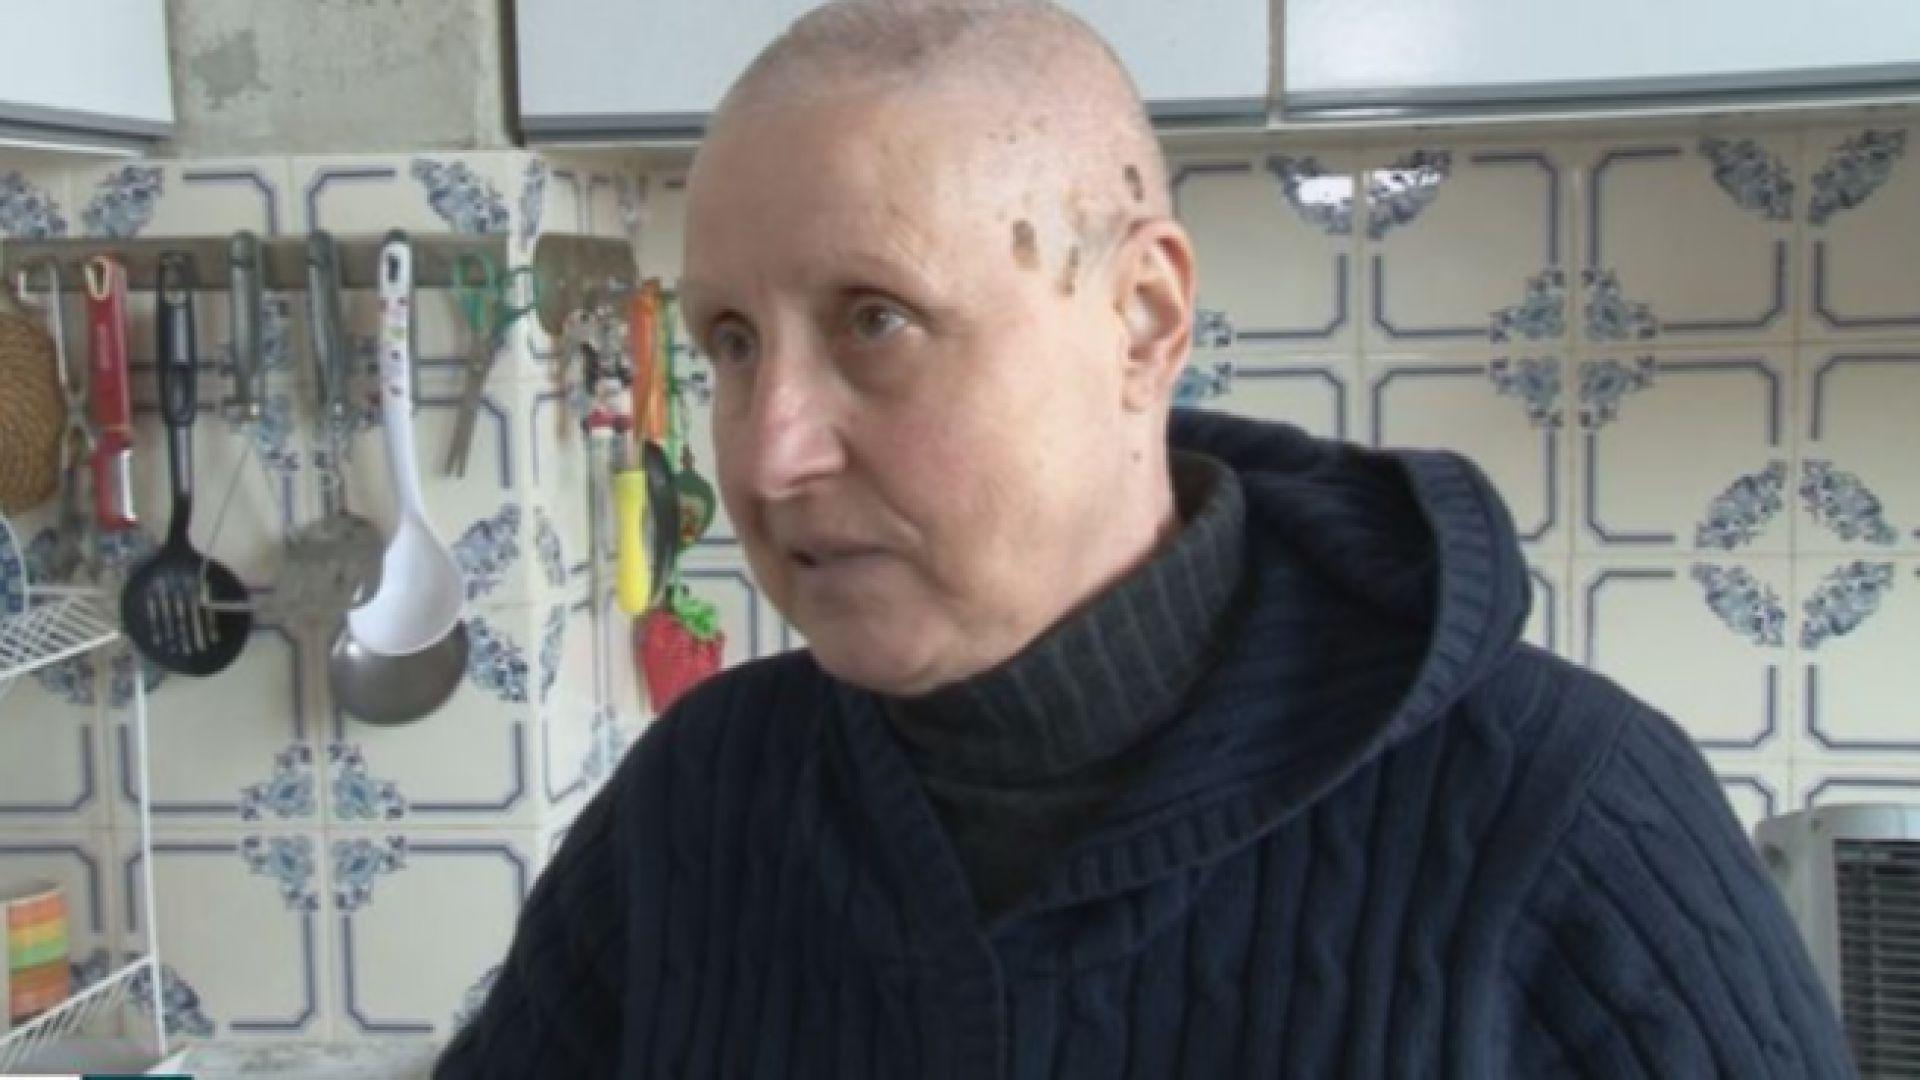 Майката на обвинения в убийство съпруг: Кремена беше абсолютно адекватна